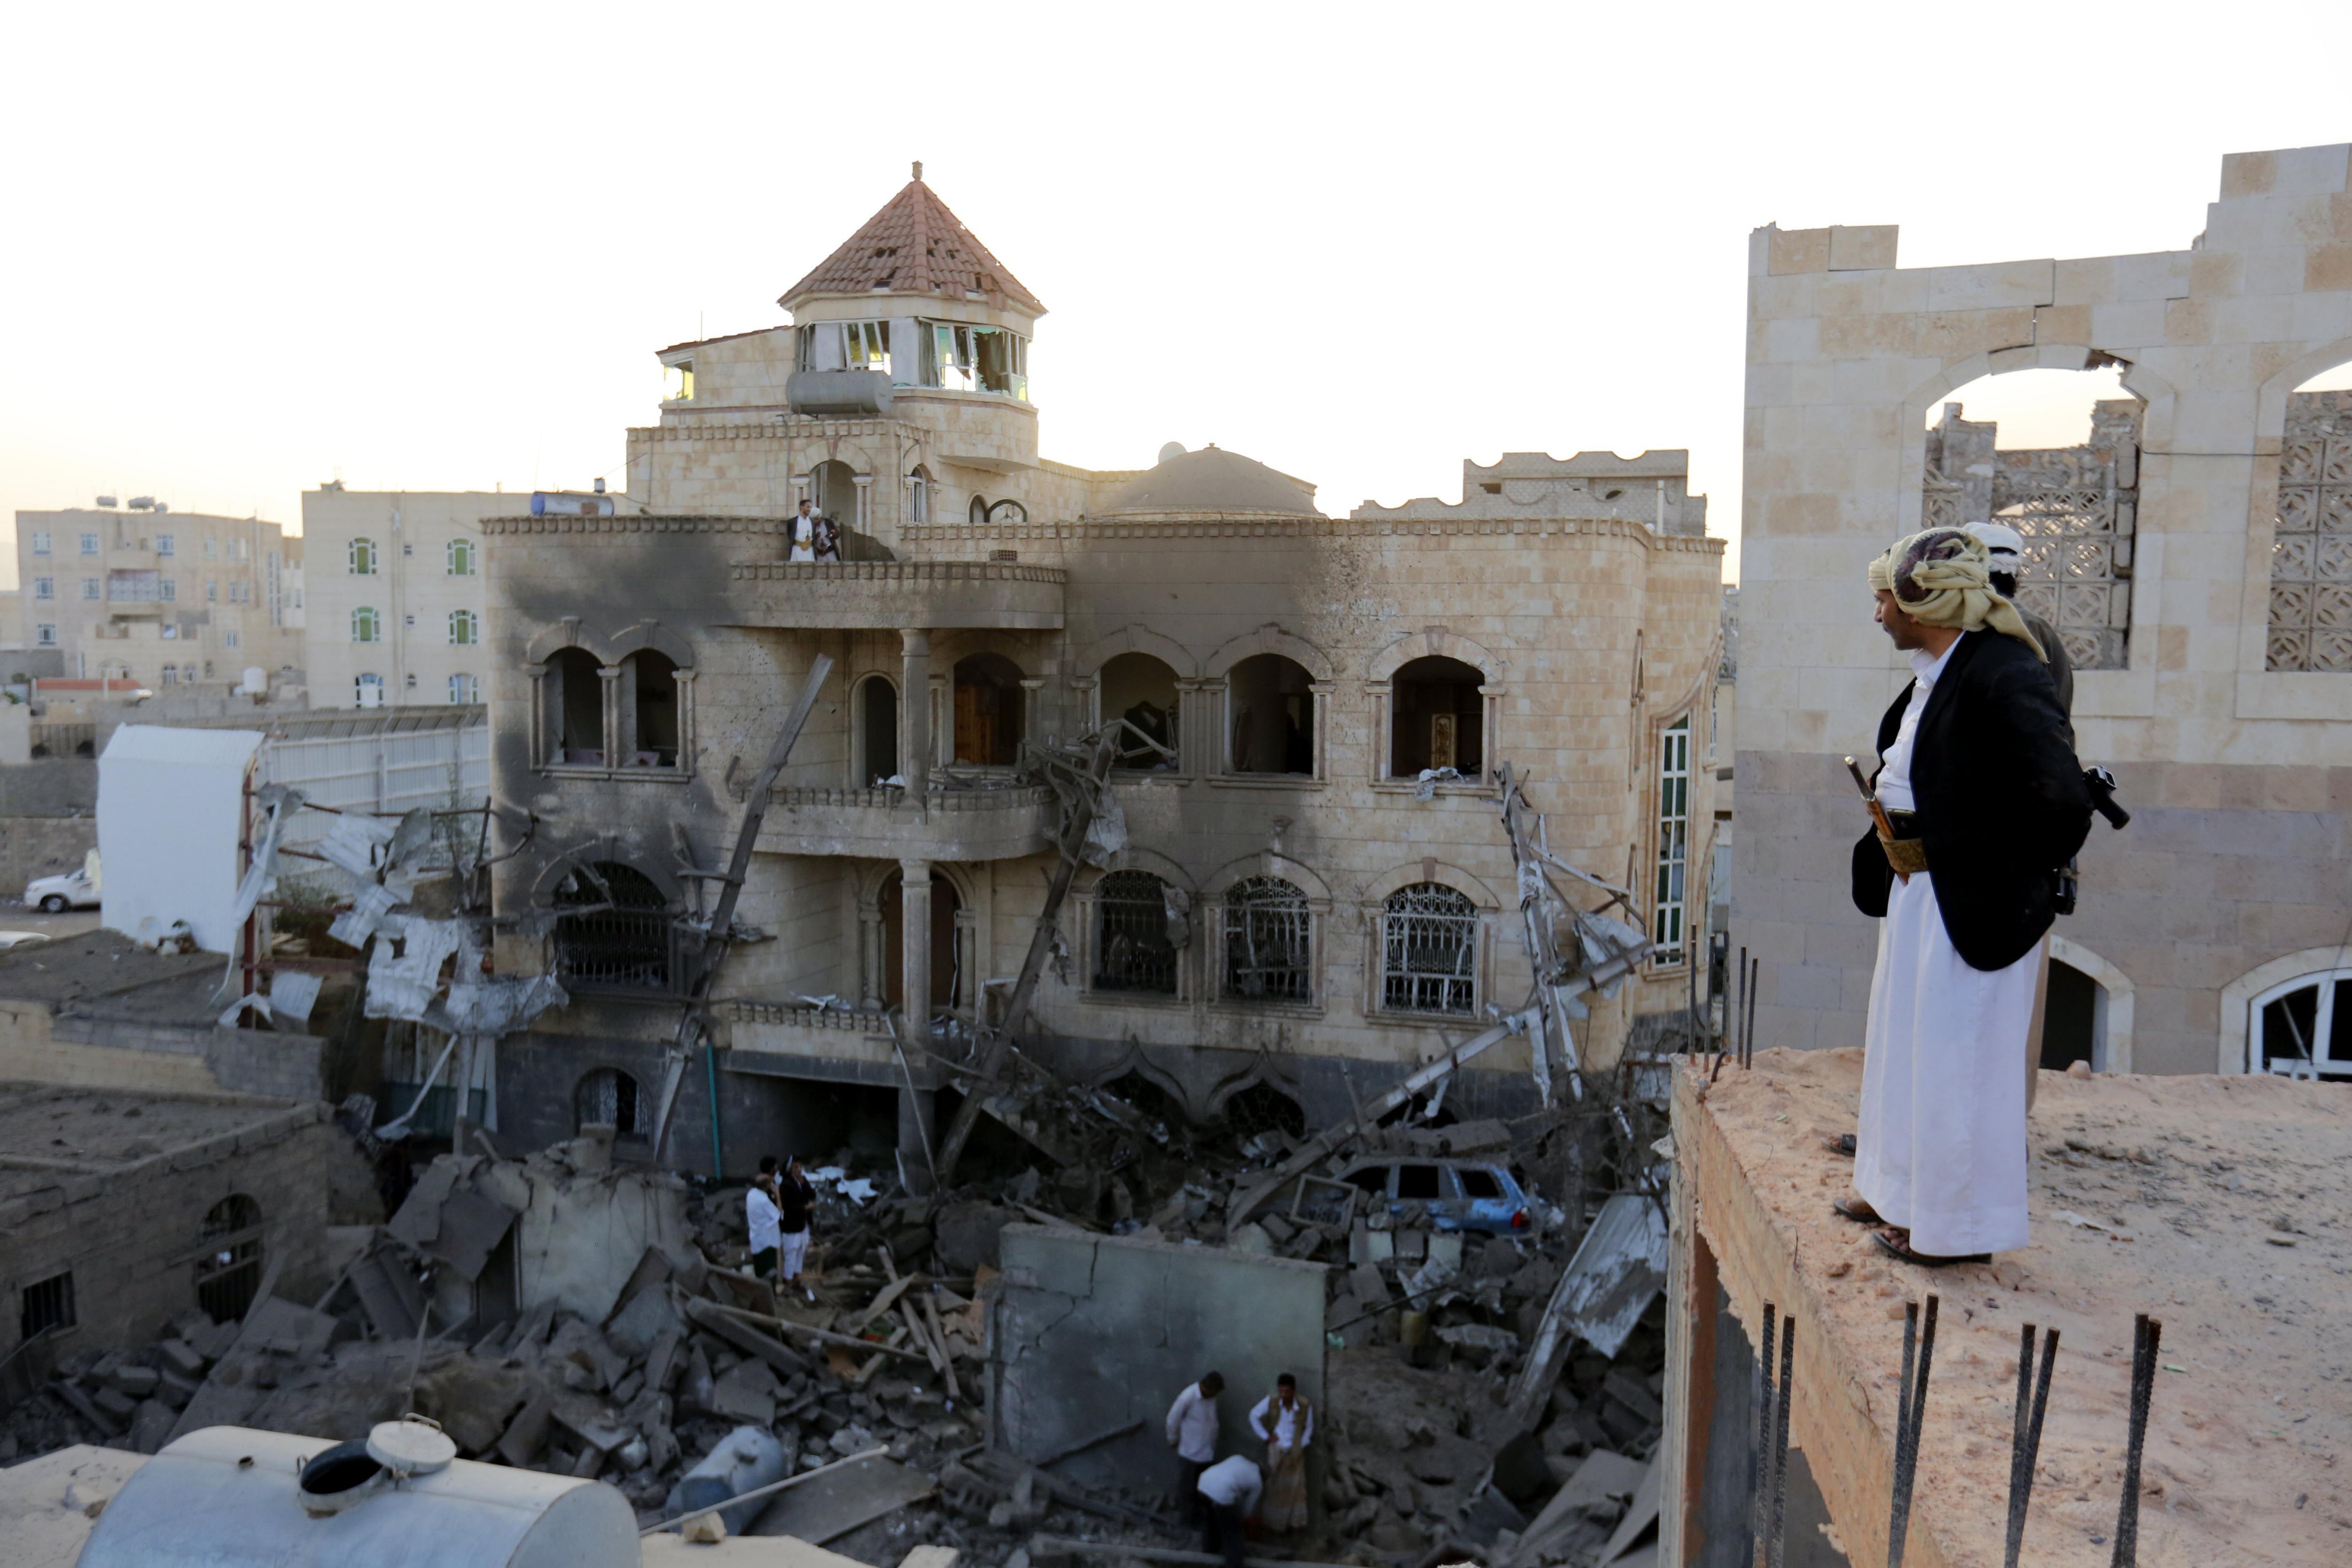 Iemenites observen els danys causats per un suposat atac de la coalició internacional liderada per Aràbia Saudita a un barri de Saná, Iemen. Tres nens i una dona van morir, mentre que altres quatre persones van resultar ferides./Yahya Arhab